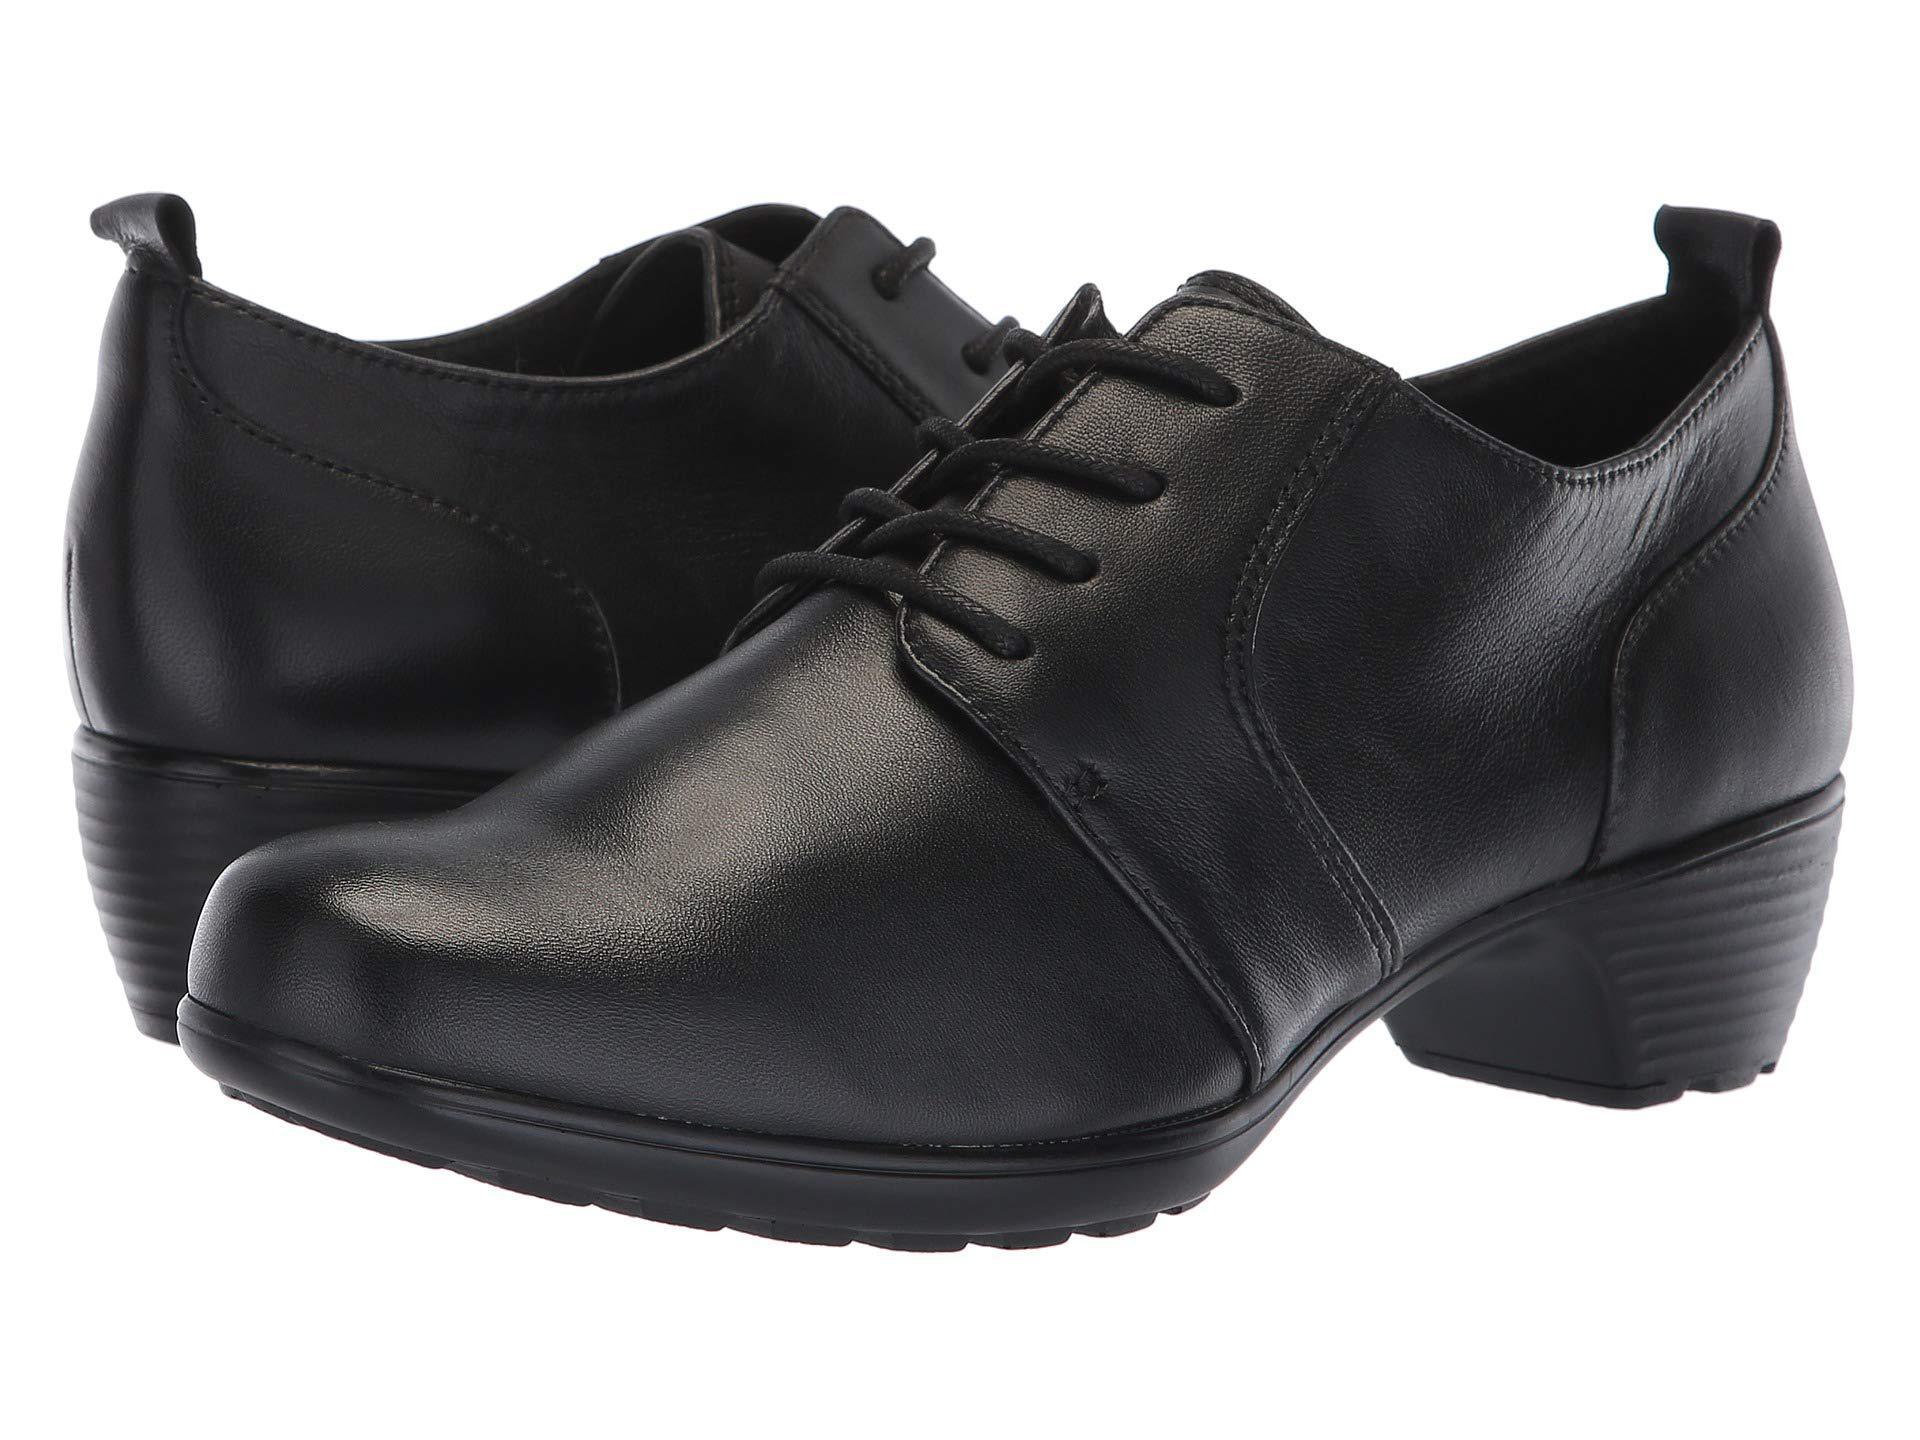 2ec47e67c8630 Romika. Banja 22 (black) Women s Shoes.  140  113 From Zappos. Free shipping  ...